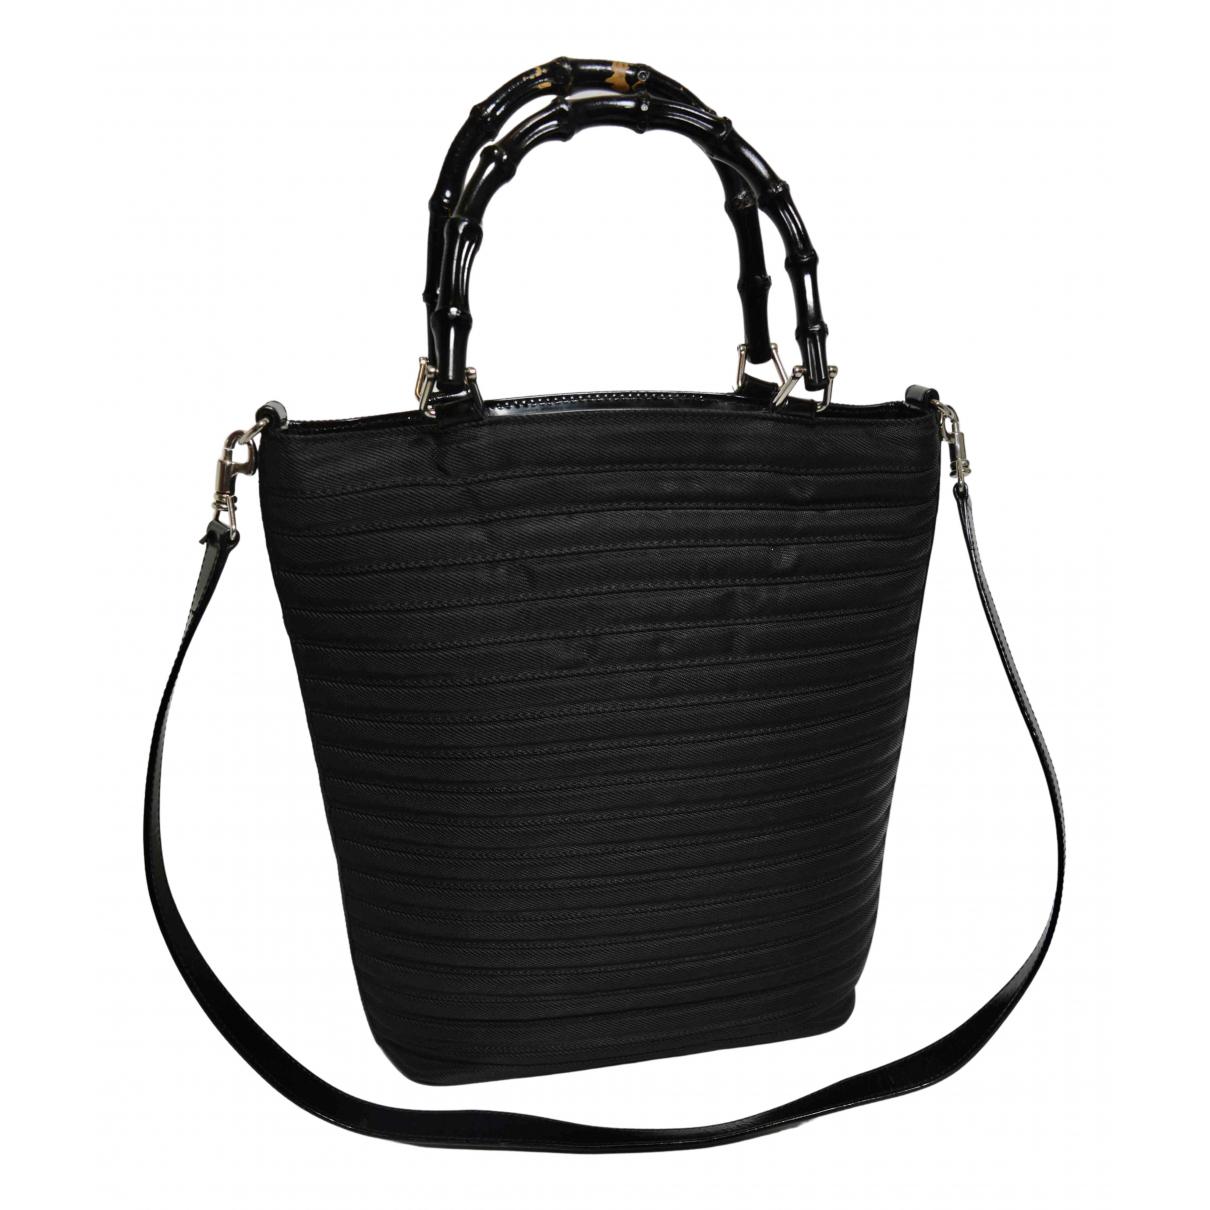 Gucci Bamboo Handtasche in  Schwarz Leinen